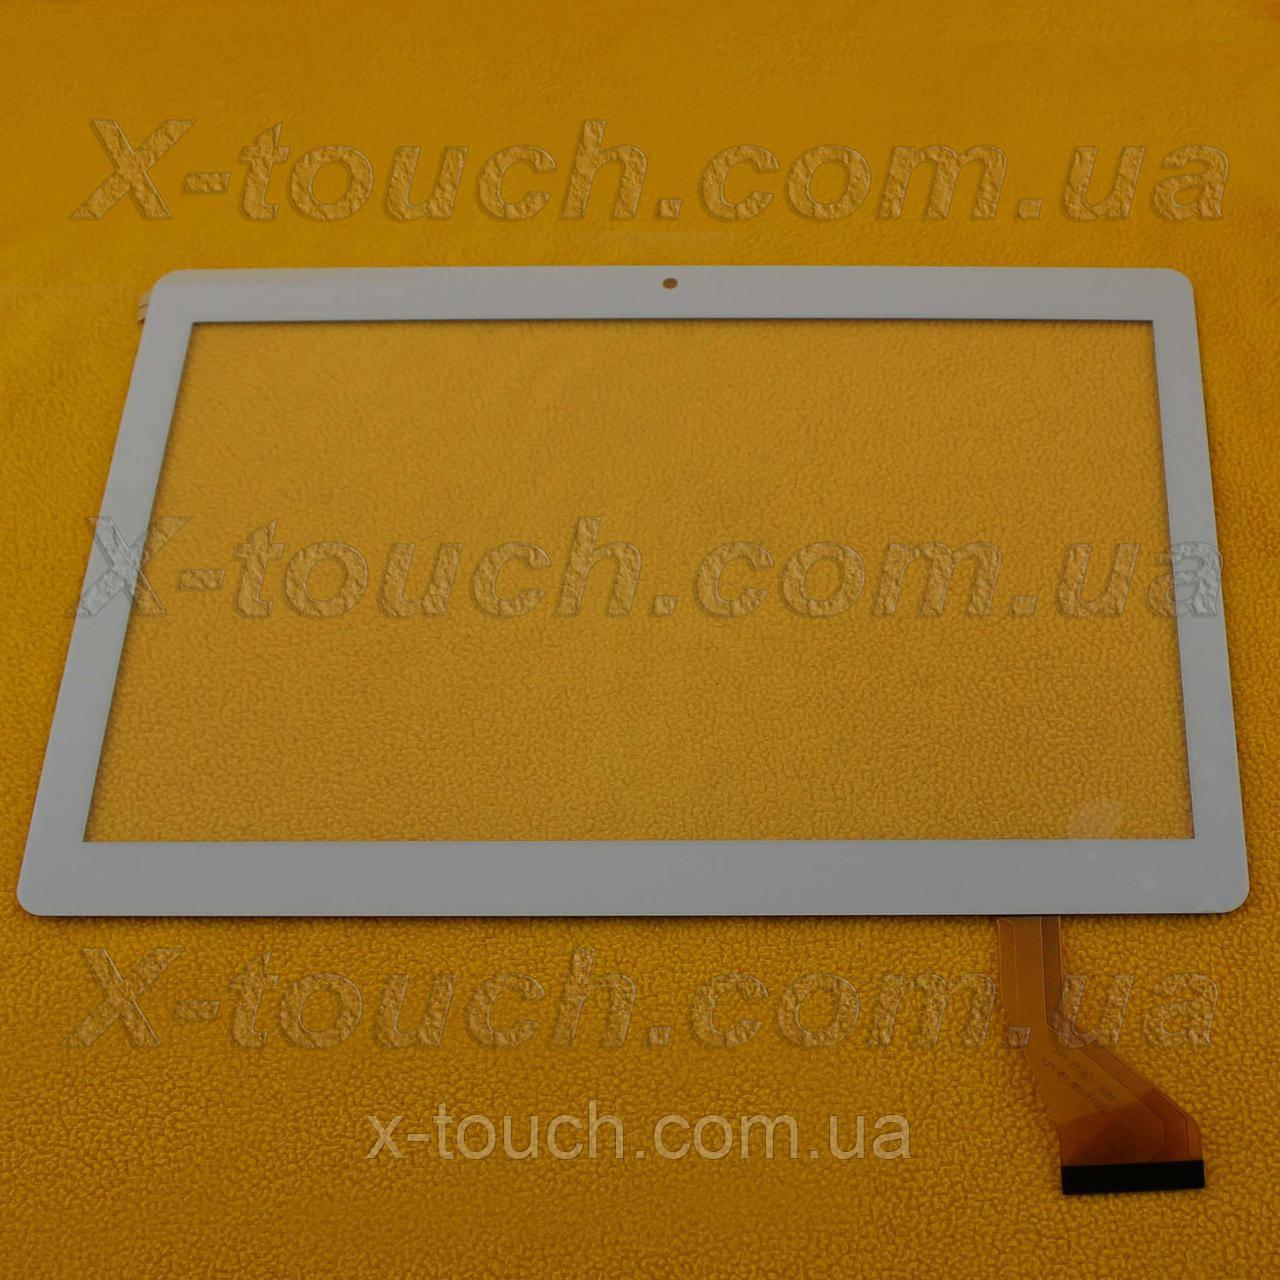 Cенсор, тачскрин Onda V10 3G, белого цвета.